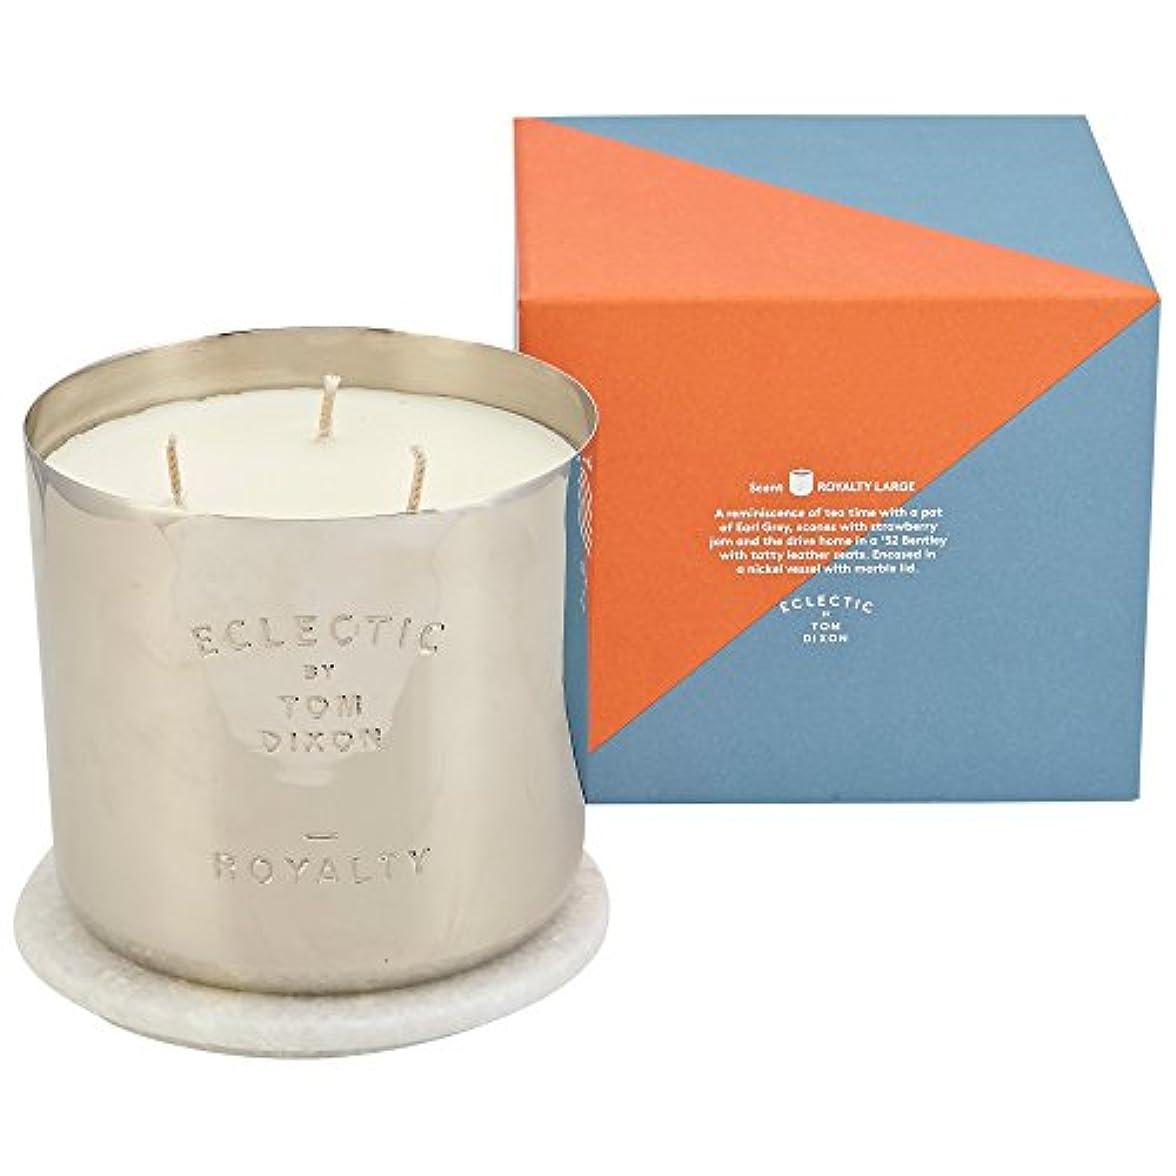 一時停止所有者兄トムディクソンロイヤリティ大きな香りのキャンドル x6 - Tom Dixon Royalty Scented Candle Large (Pack of 6) [並行輸入品]